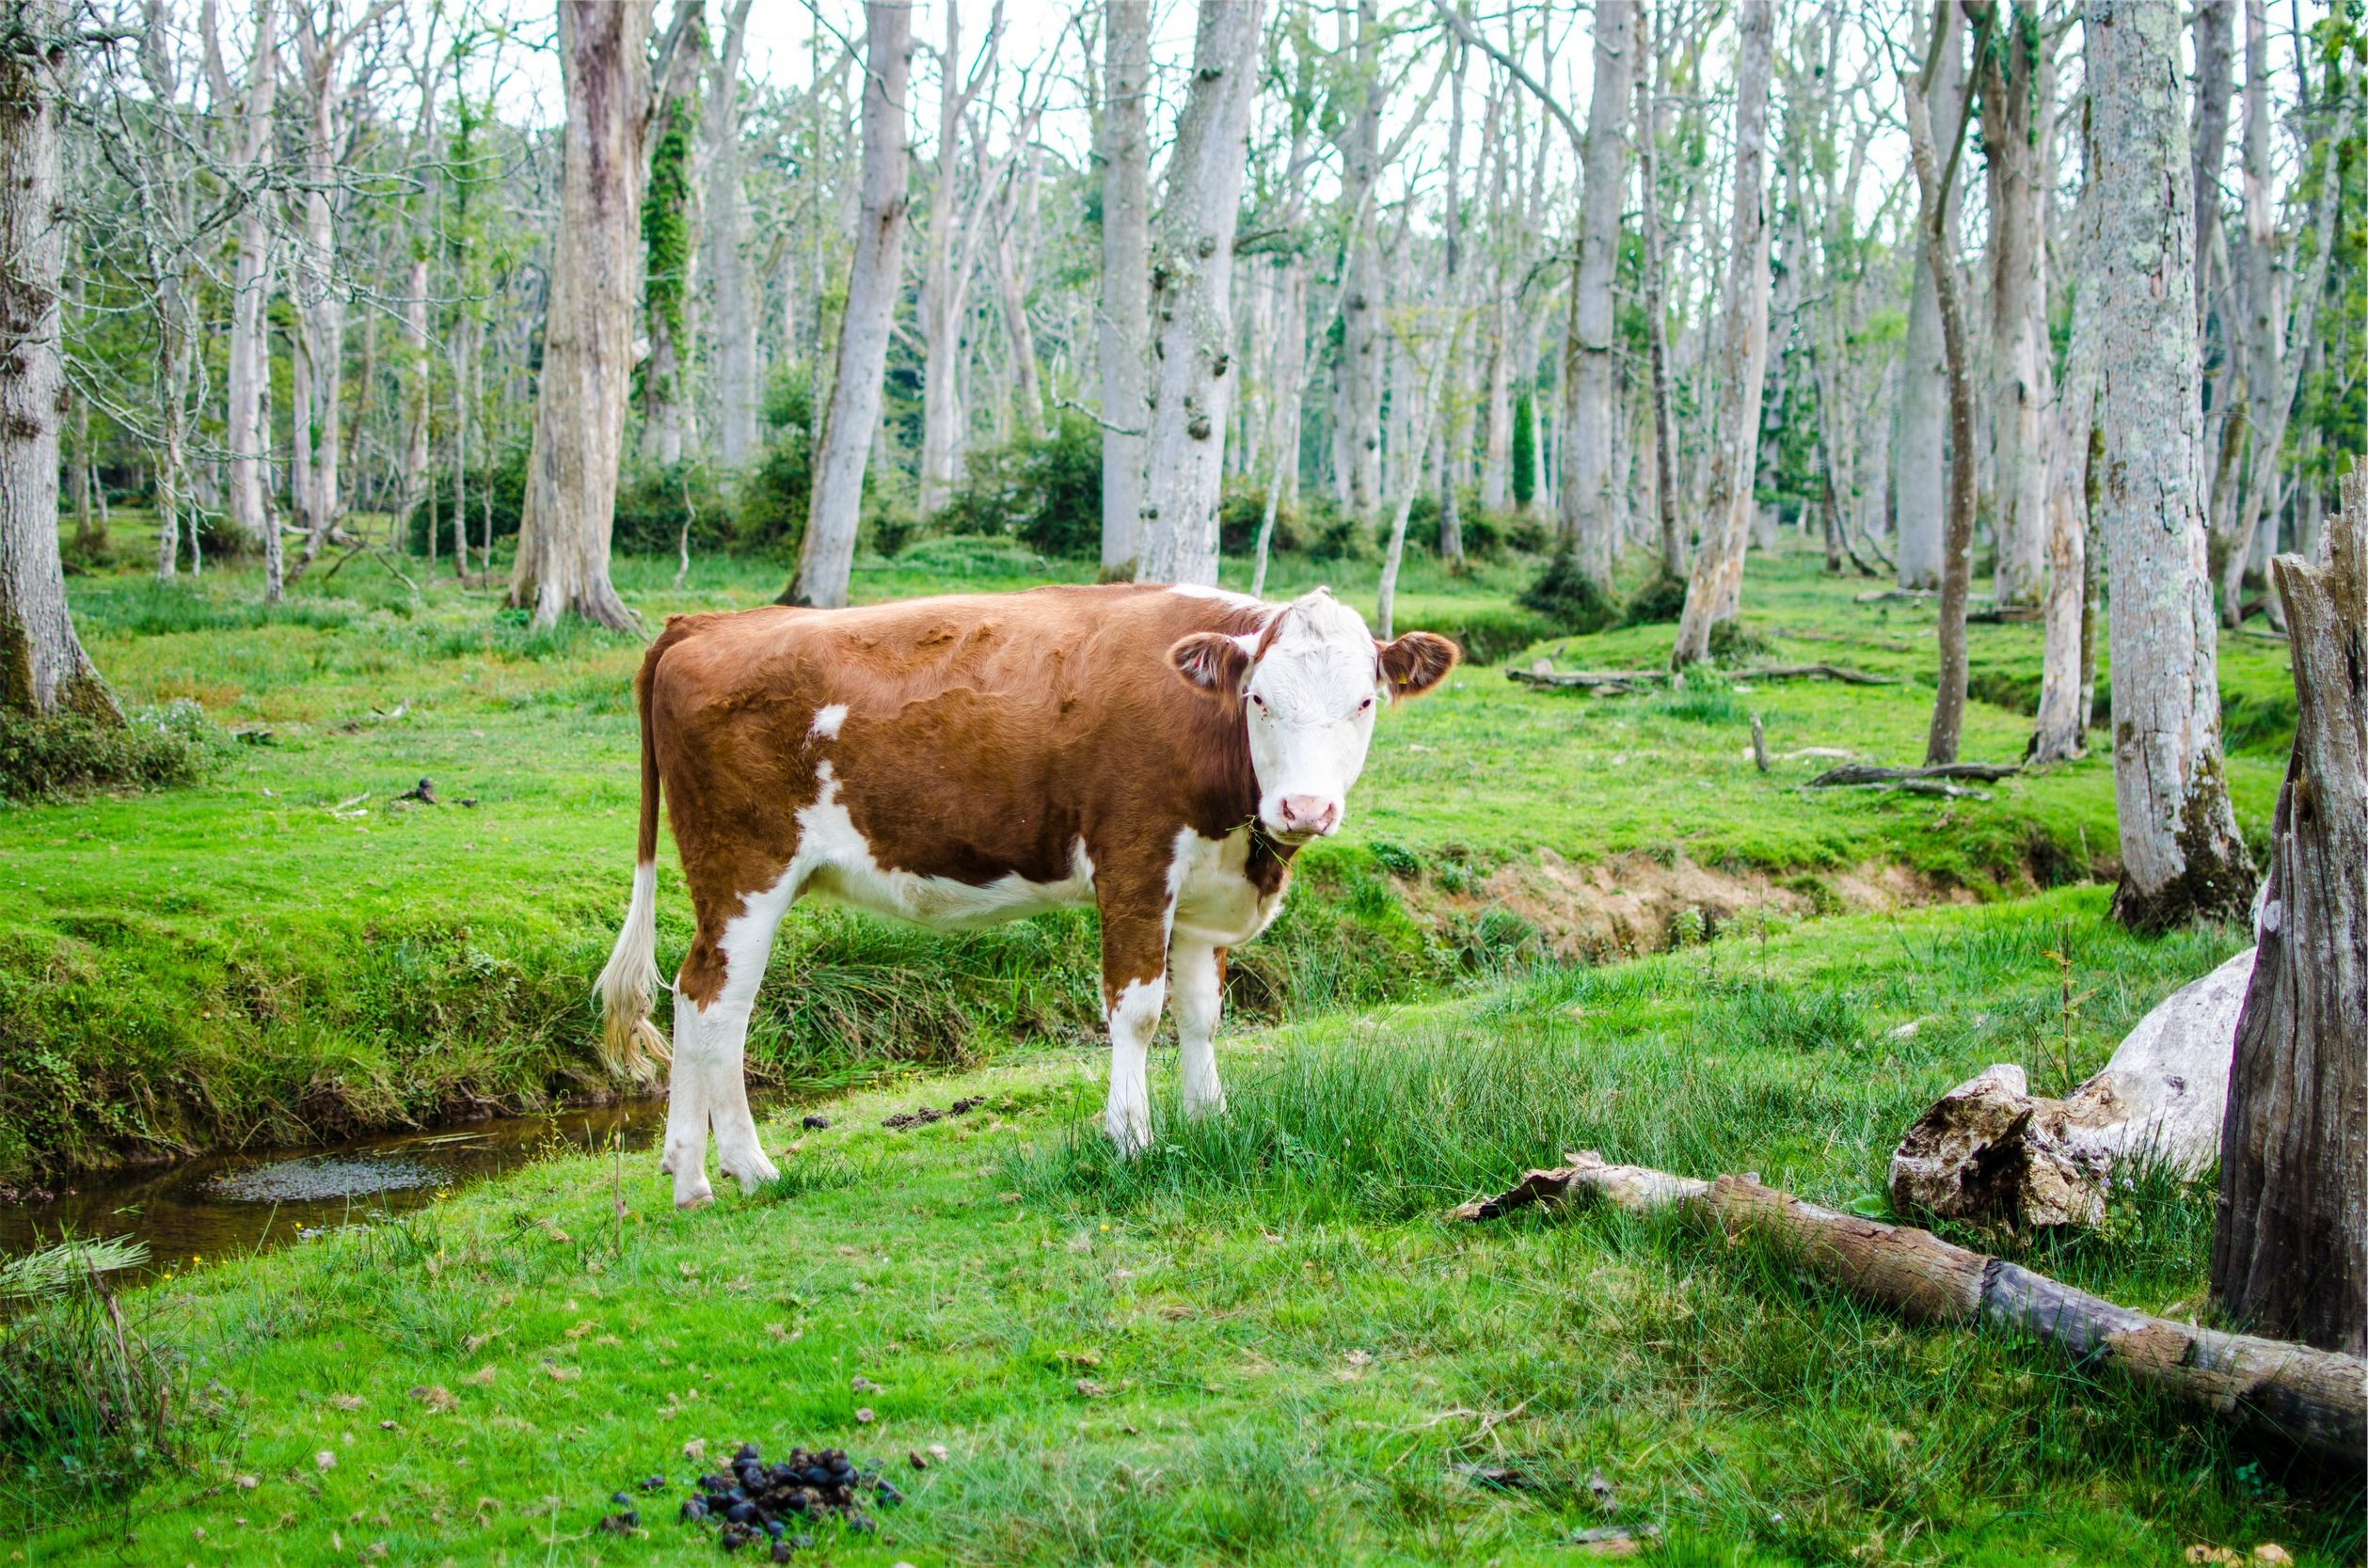 母牛, ternera, 森林, 看看, 树木 - 高清壁纸 - 教授-falken.com